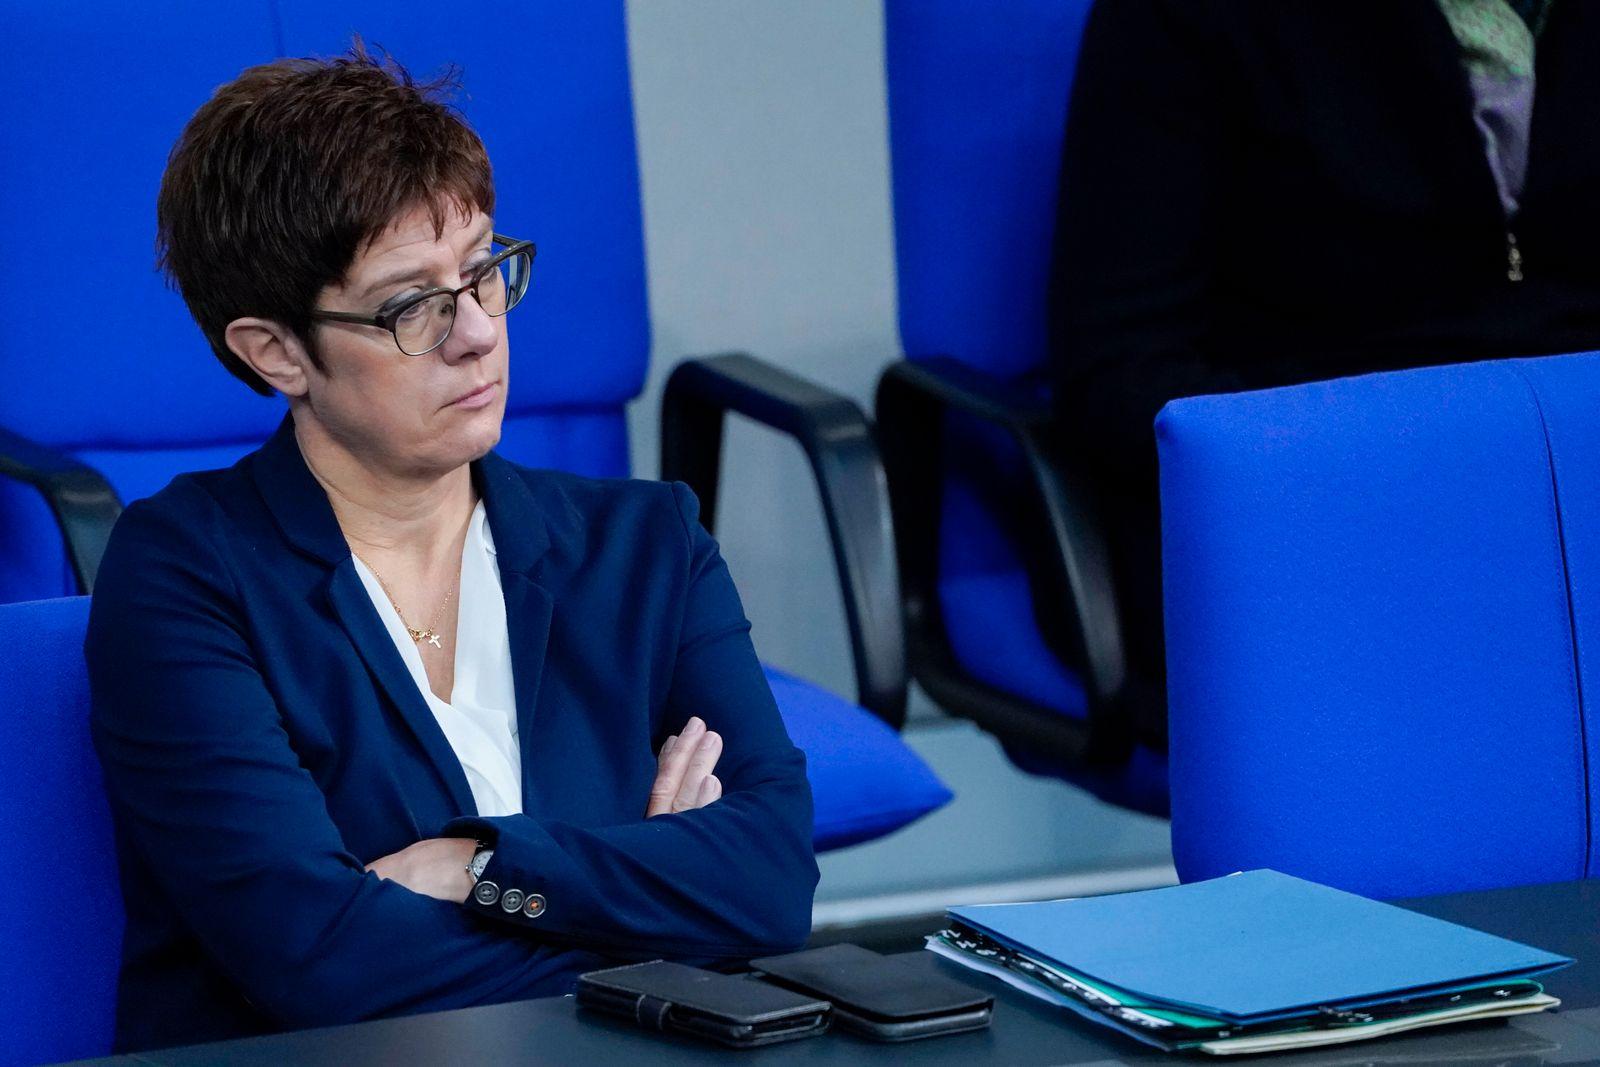 181. Bundestagssitzung Debatte 30 Jahre Deutsche Einheit im Reichstag in Berlin Aktuell, 02.10.2020, Berlin Annegret Kr